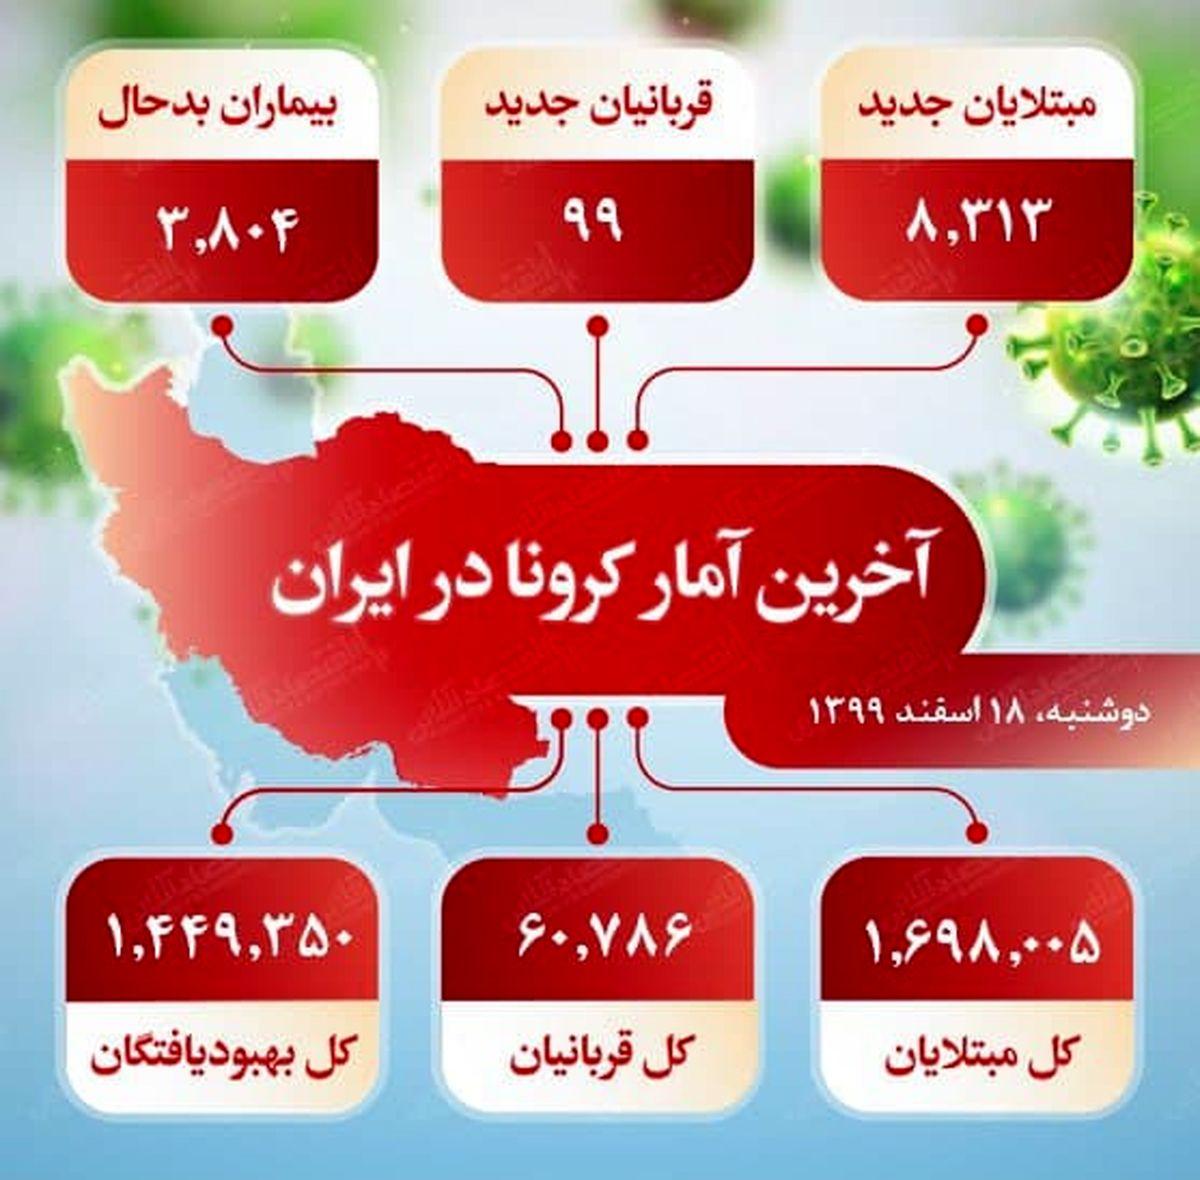 آخرین آمار کرونا در ایران (۹۹/۱۲/۱۸)